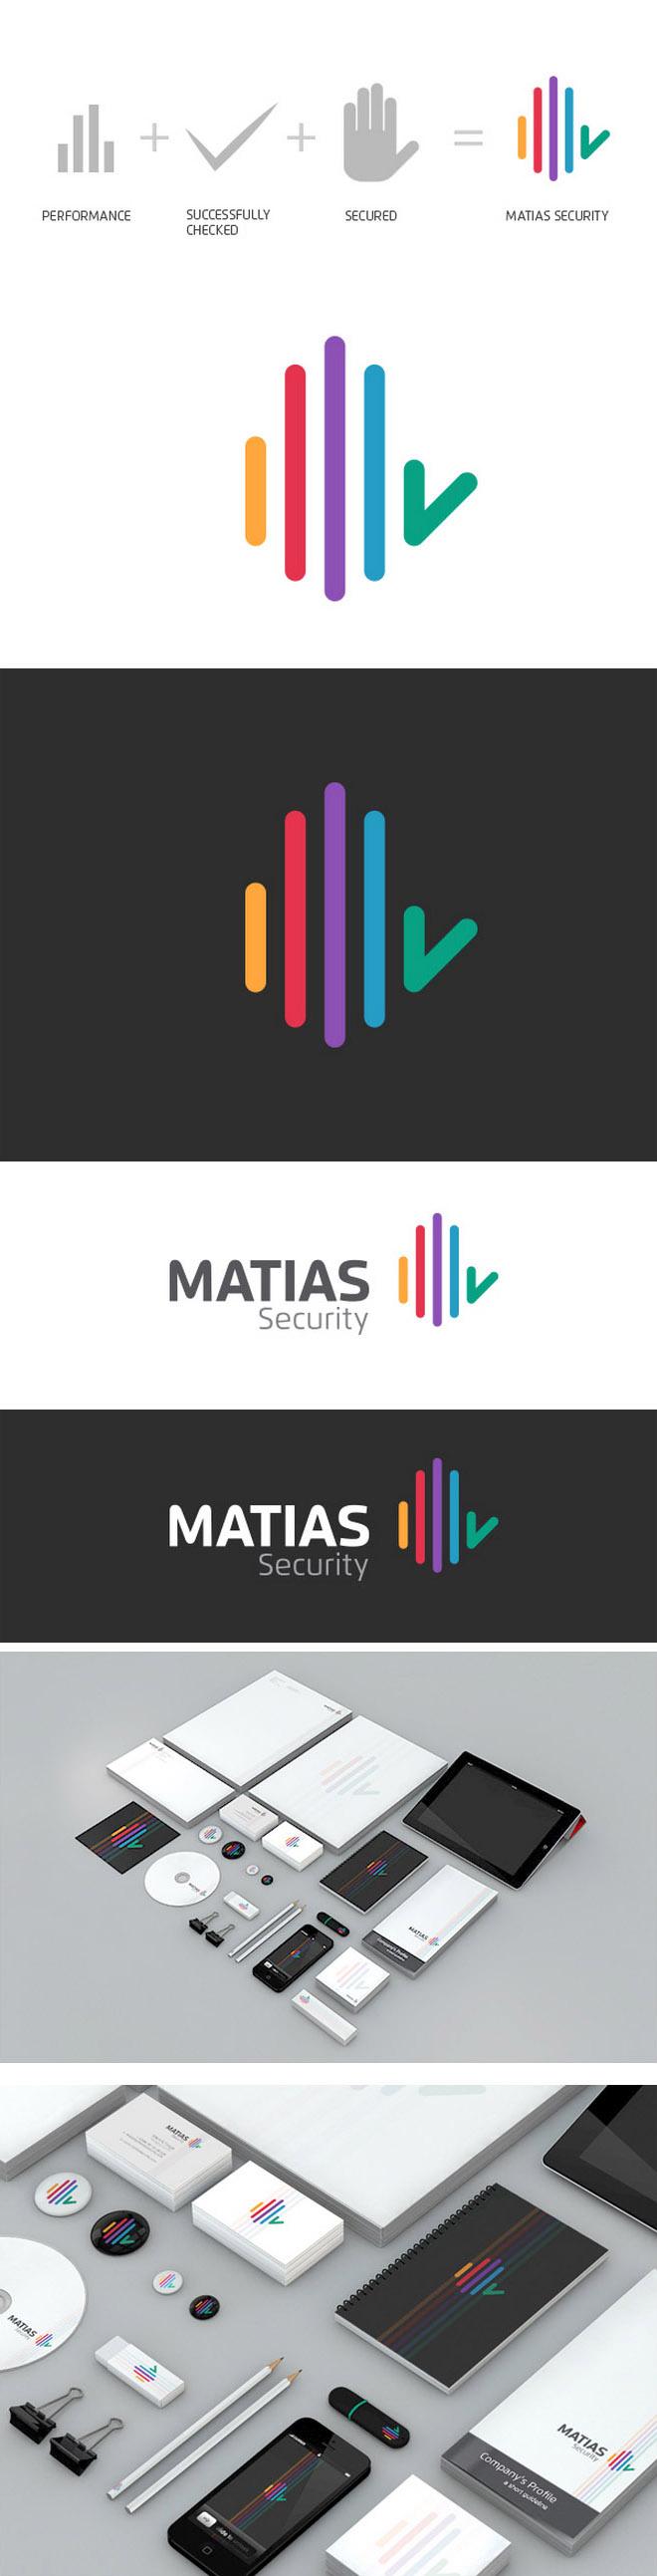 1-matias-rebranding-identity-design